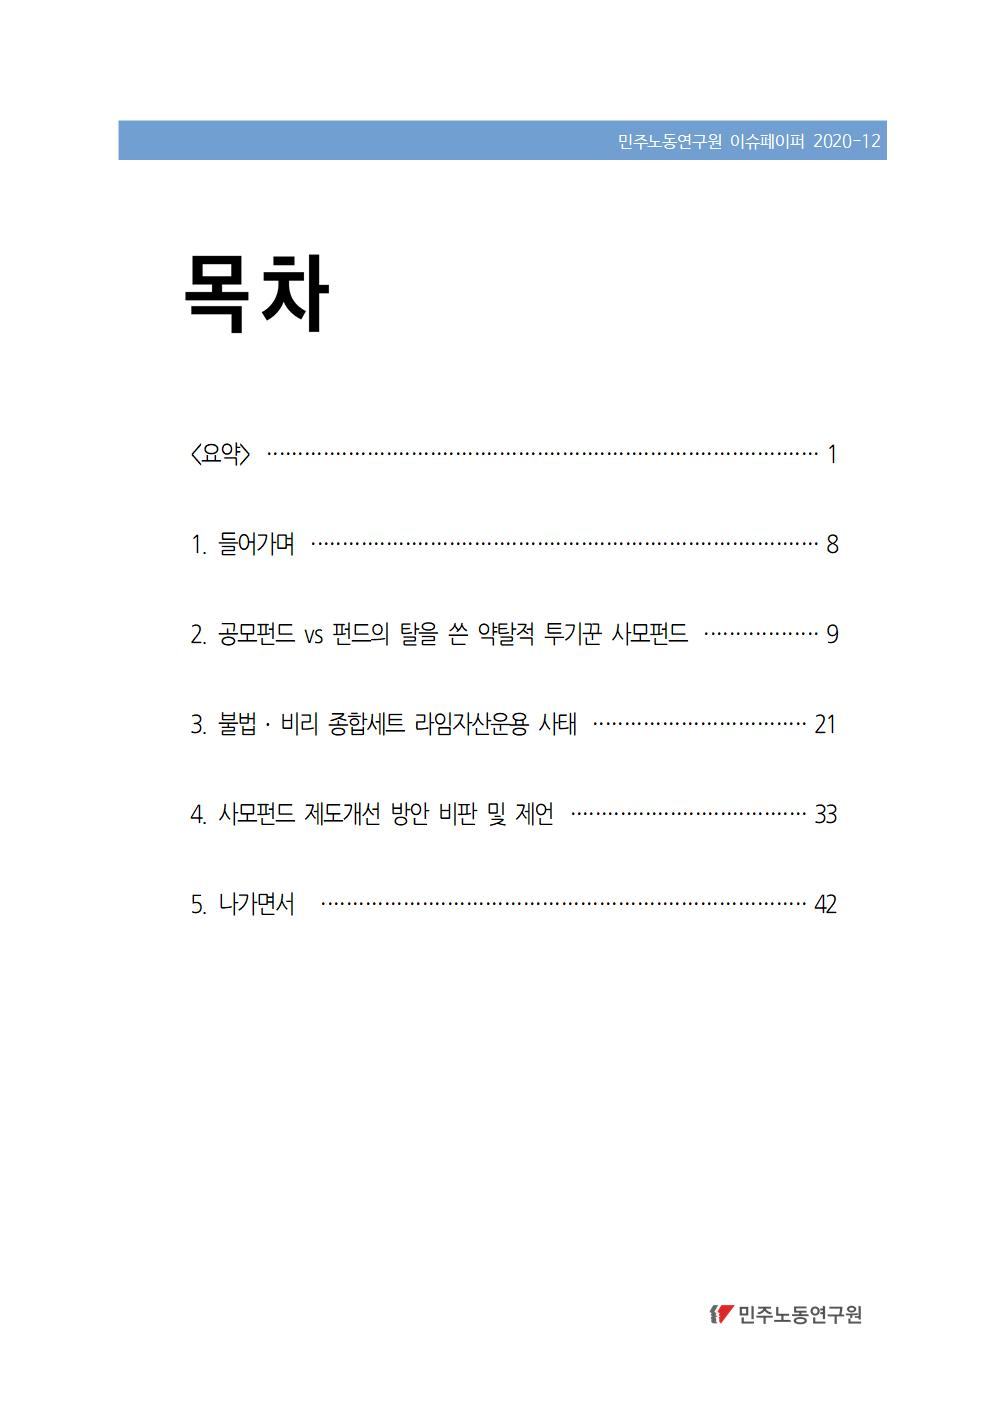 2020_12_라임사모펀드_규제완화결과_민주노동연구원_이슈페이퍼_이한진(표지)002.jpg